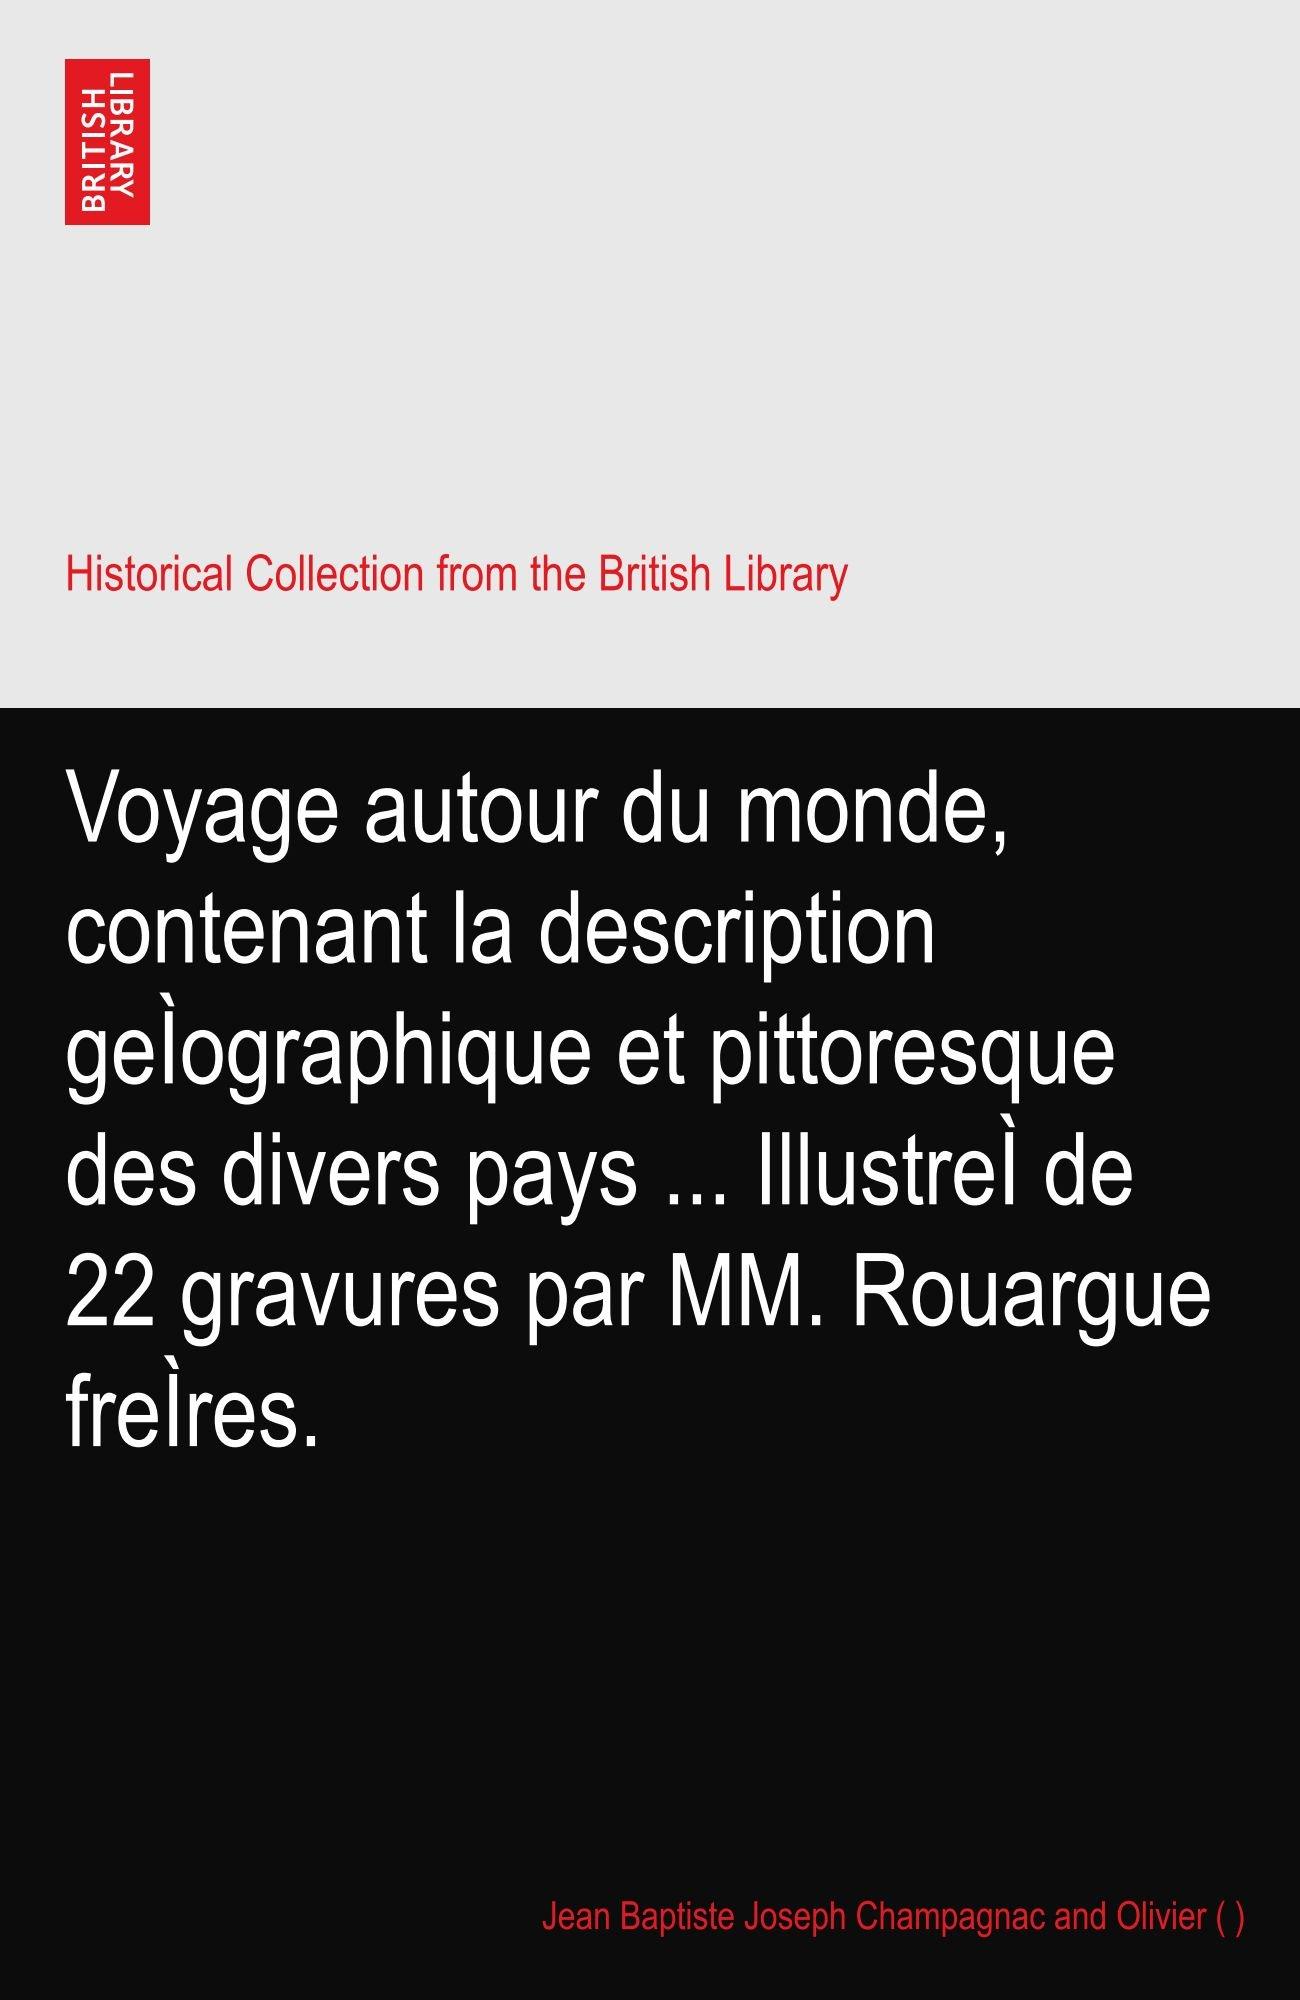 Voyage autour du monde, contenant la description geÌographique et pittoresque des divers pays ... IllustreÌ de 22 gravures par MM. Rouargue freÌres. pdf